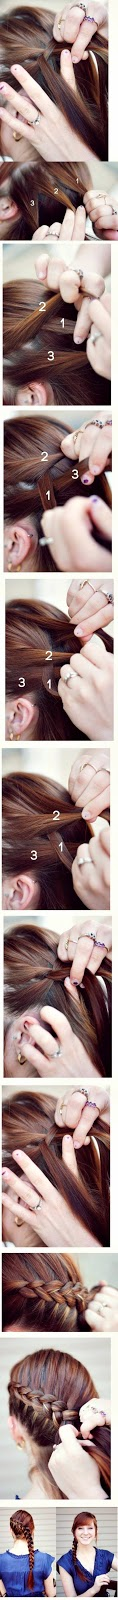 rambut modern tersebut sebagai inspirasi untuk tampil lebih baik